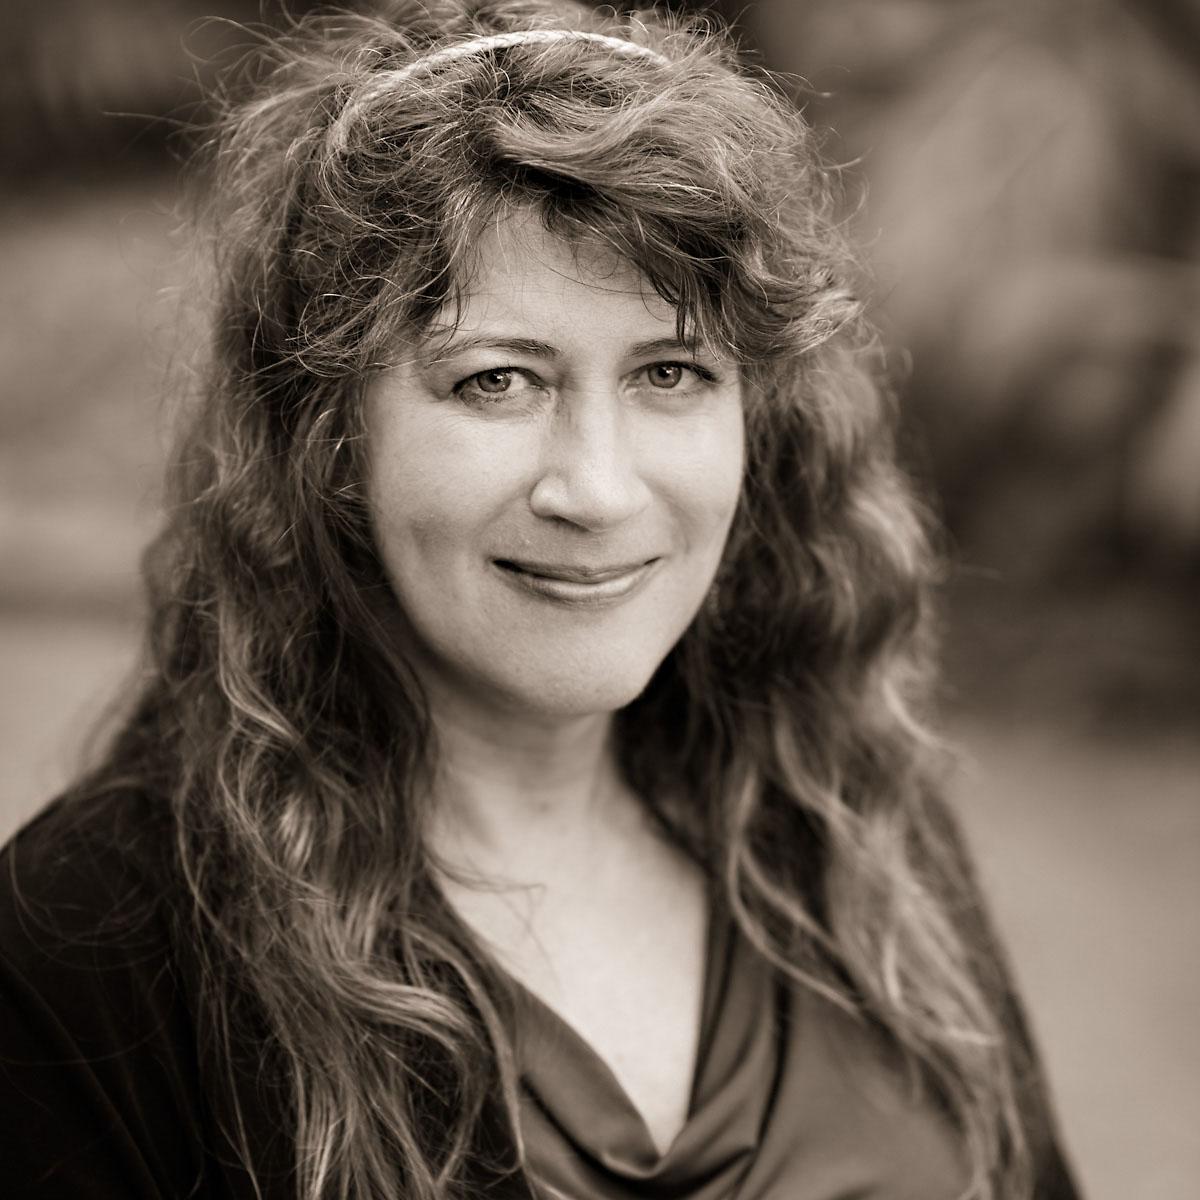 Dr. Kristen Kemple